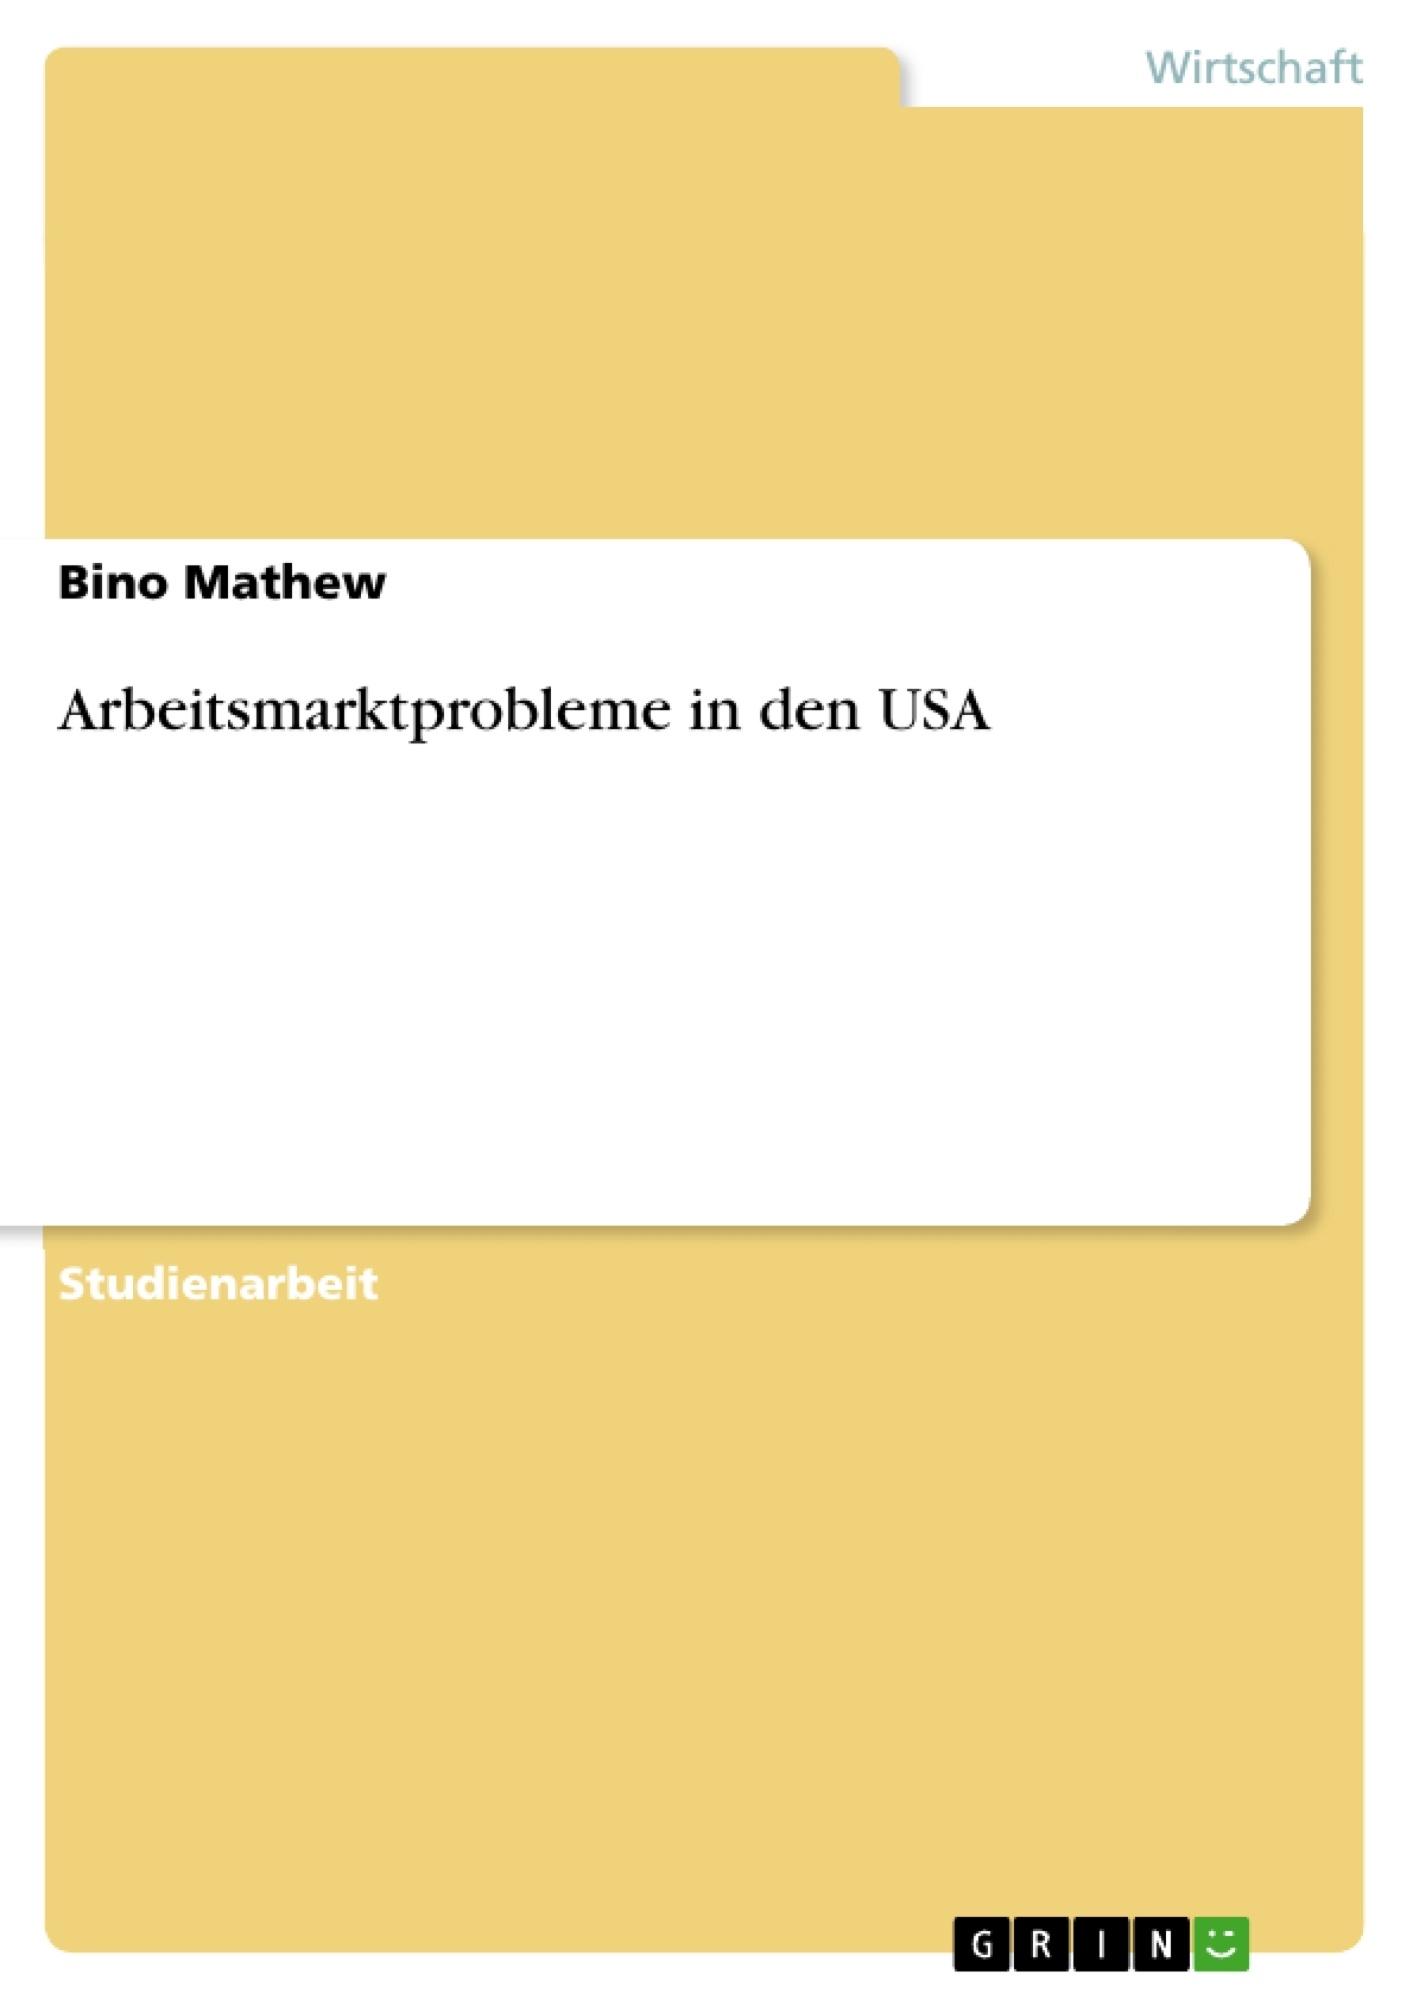 Titel: Arbeitsmarktprobleme in den USA